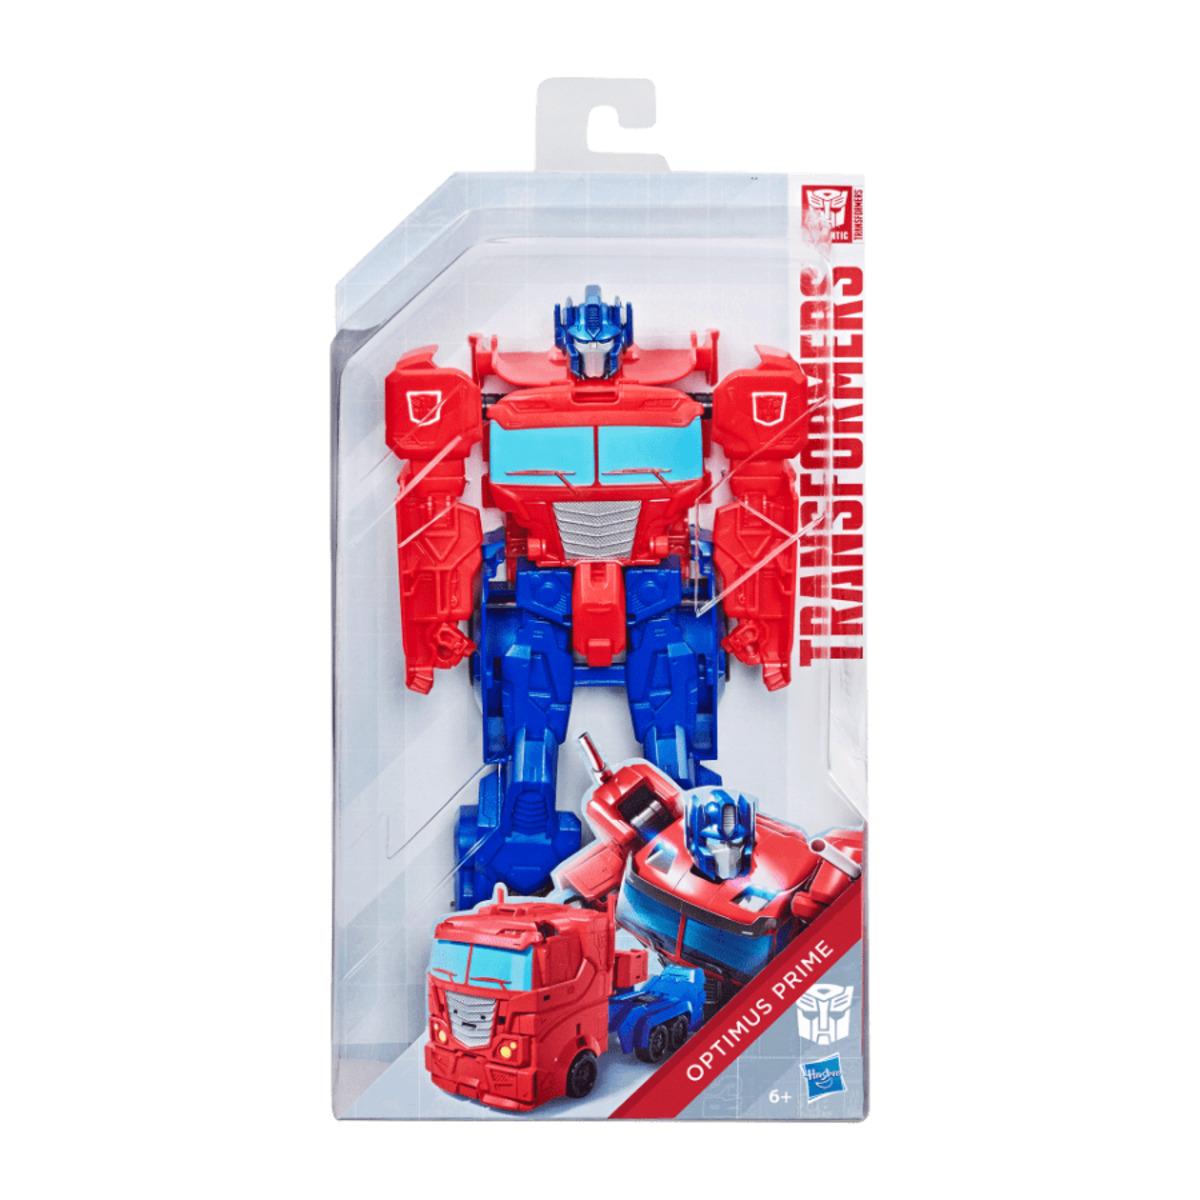 Bild 2 von Hasbro Transformers Titan Changers